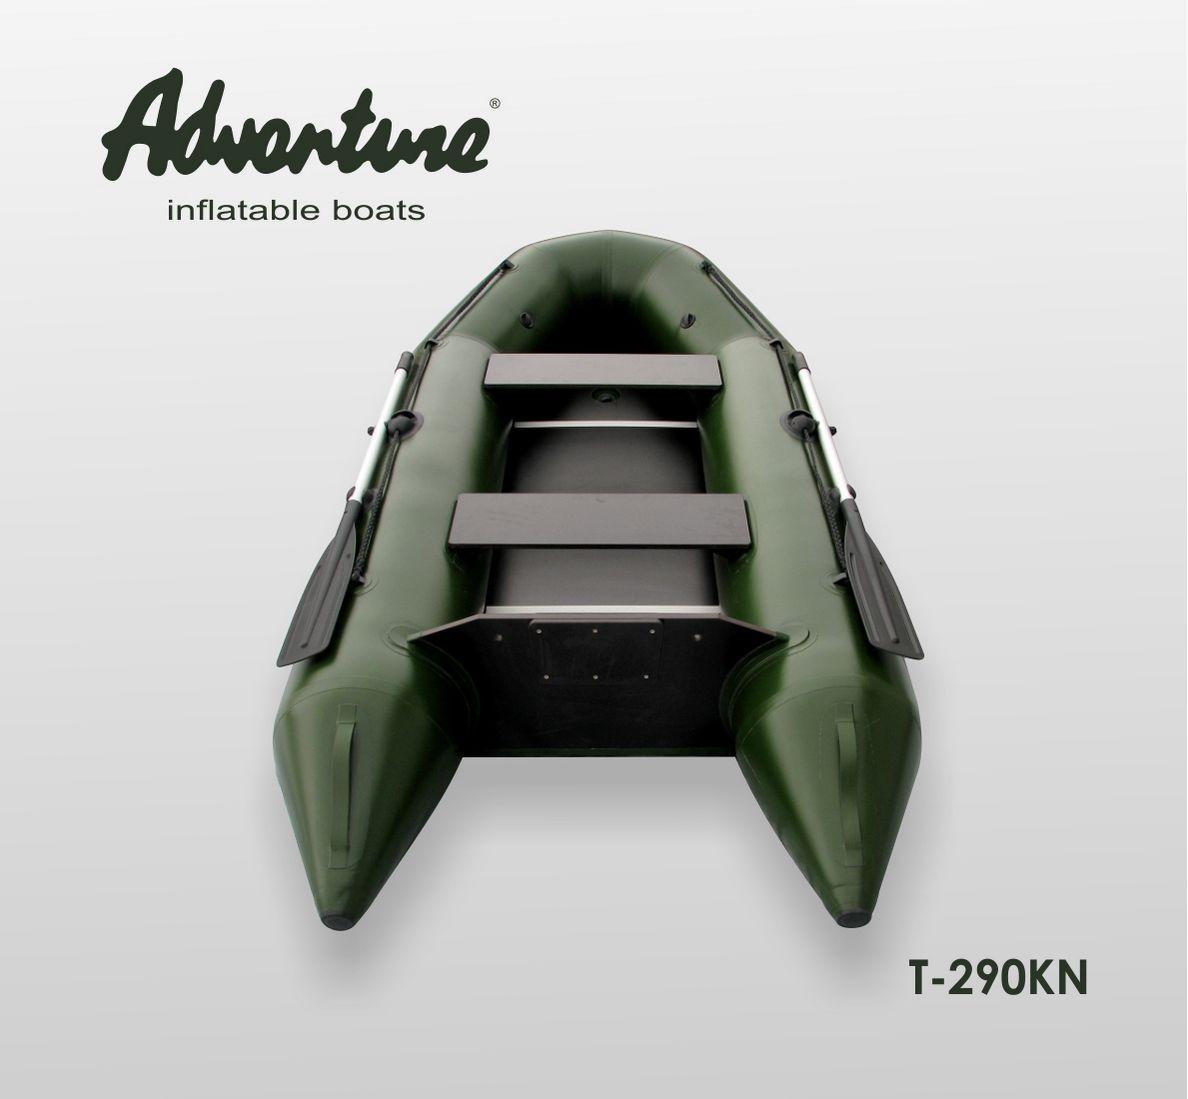 Надувная лодка Adventure T-290KN - фото 2